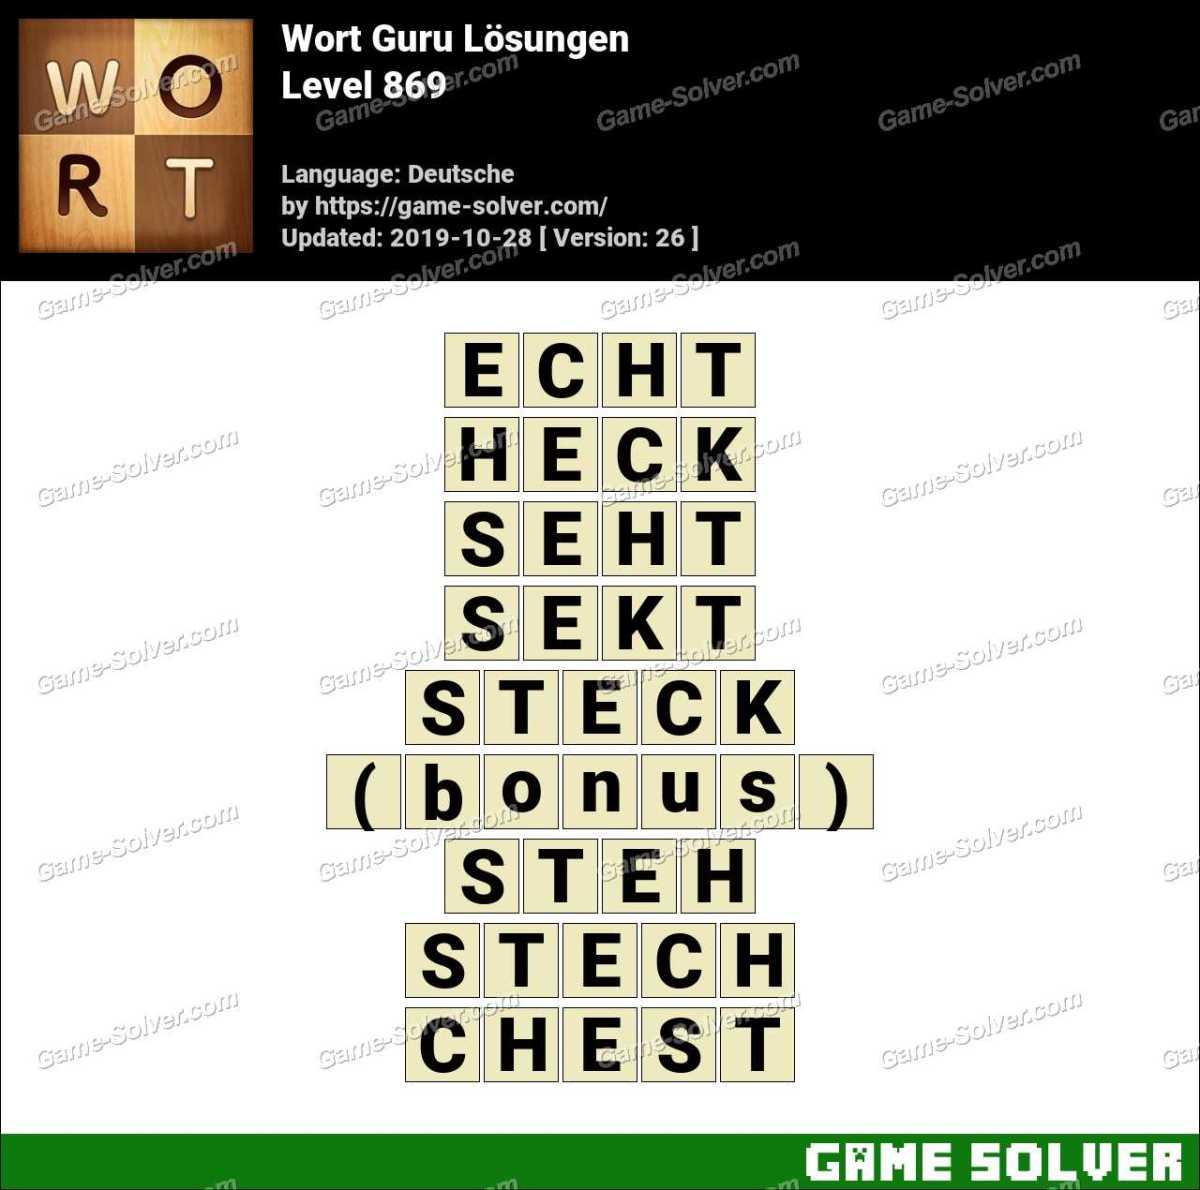 Wort Guru Level 869 Lösungen